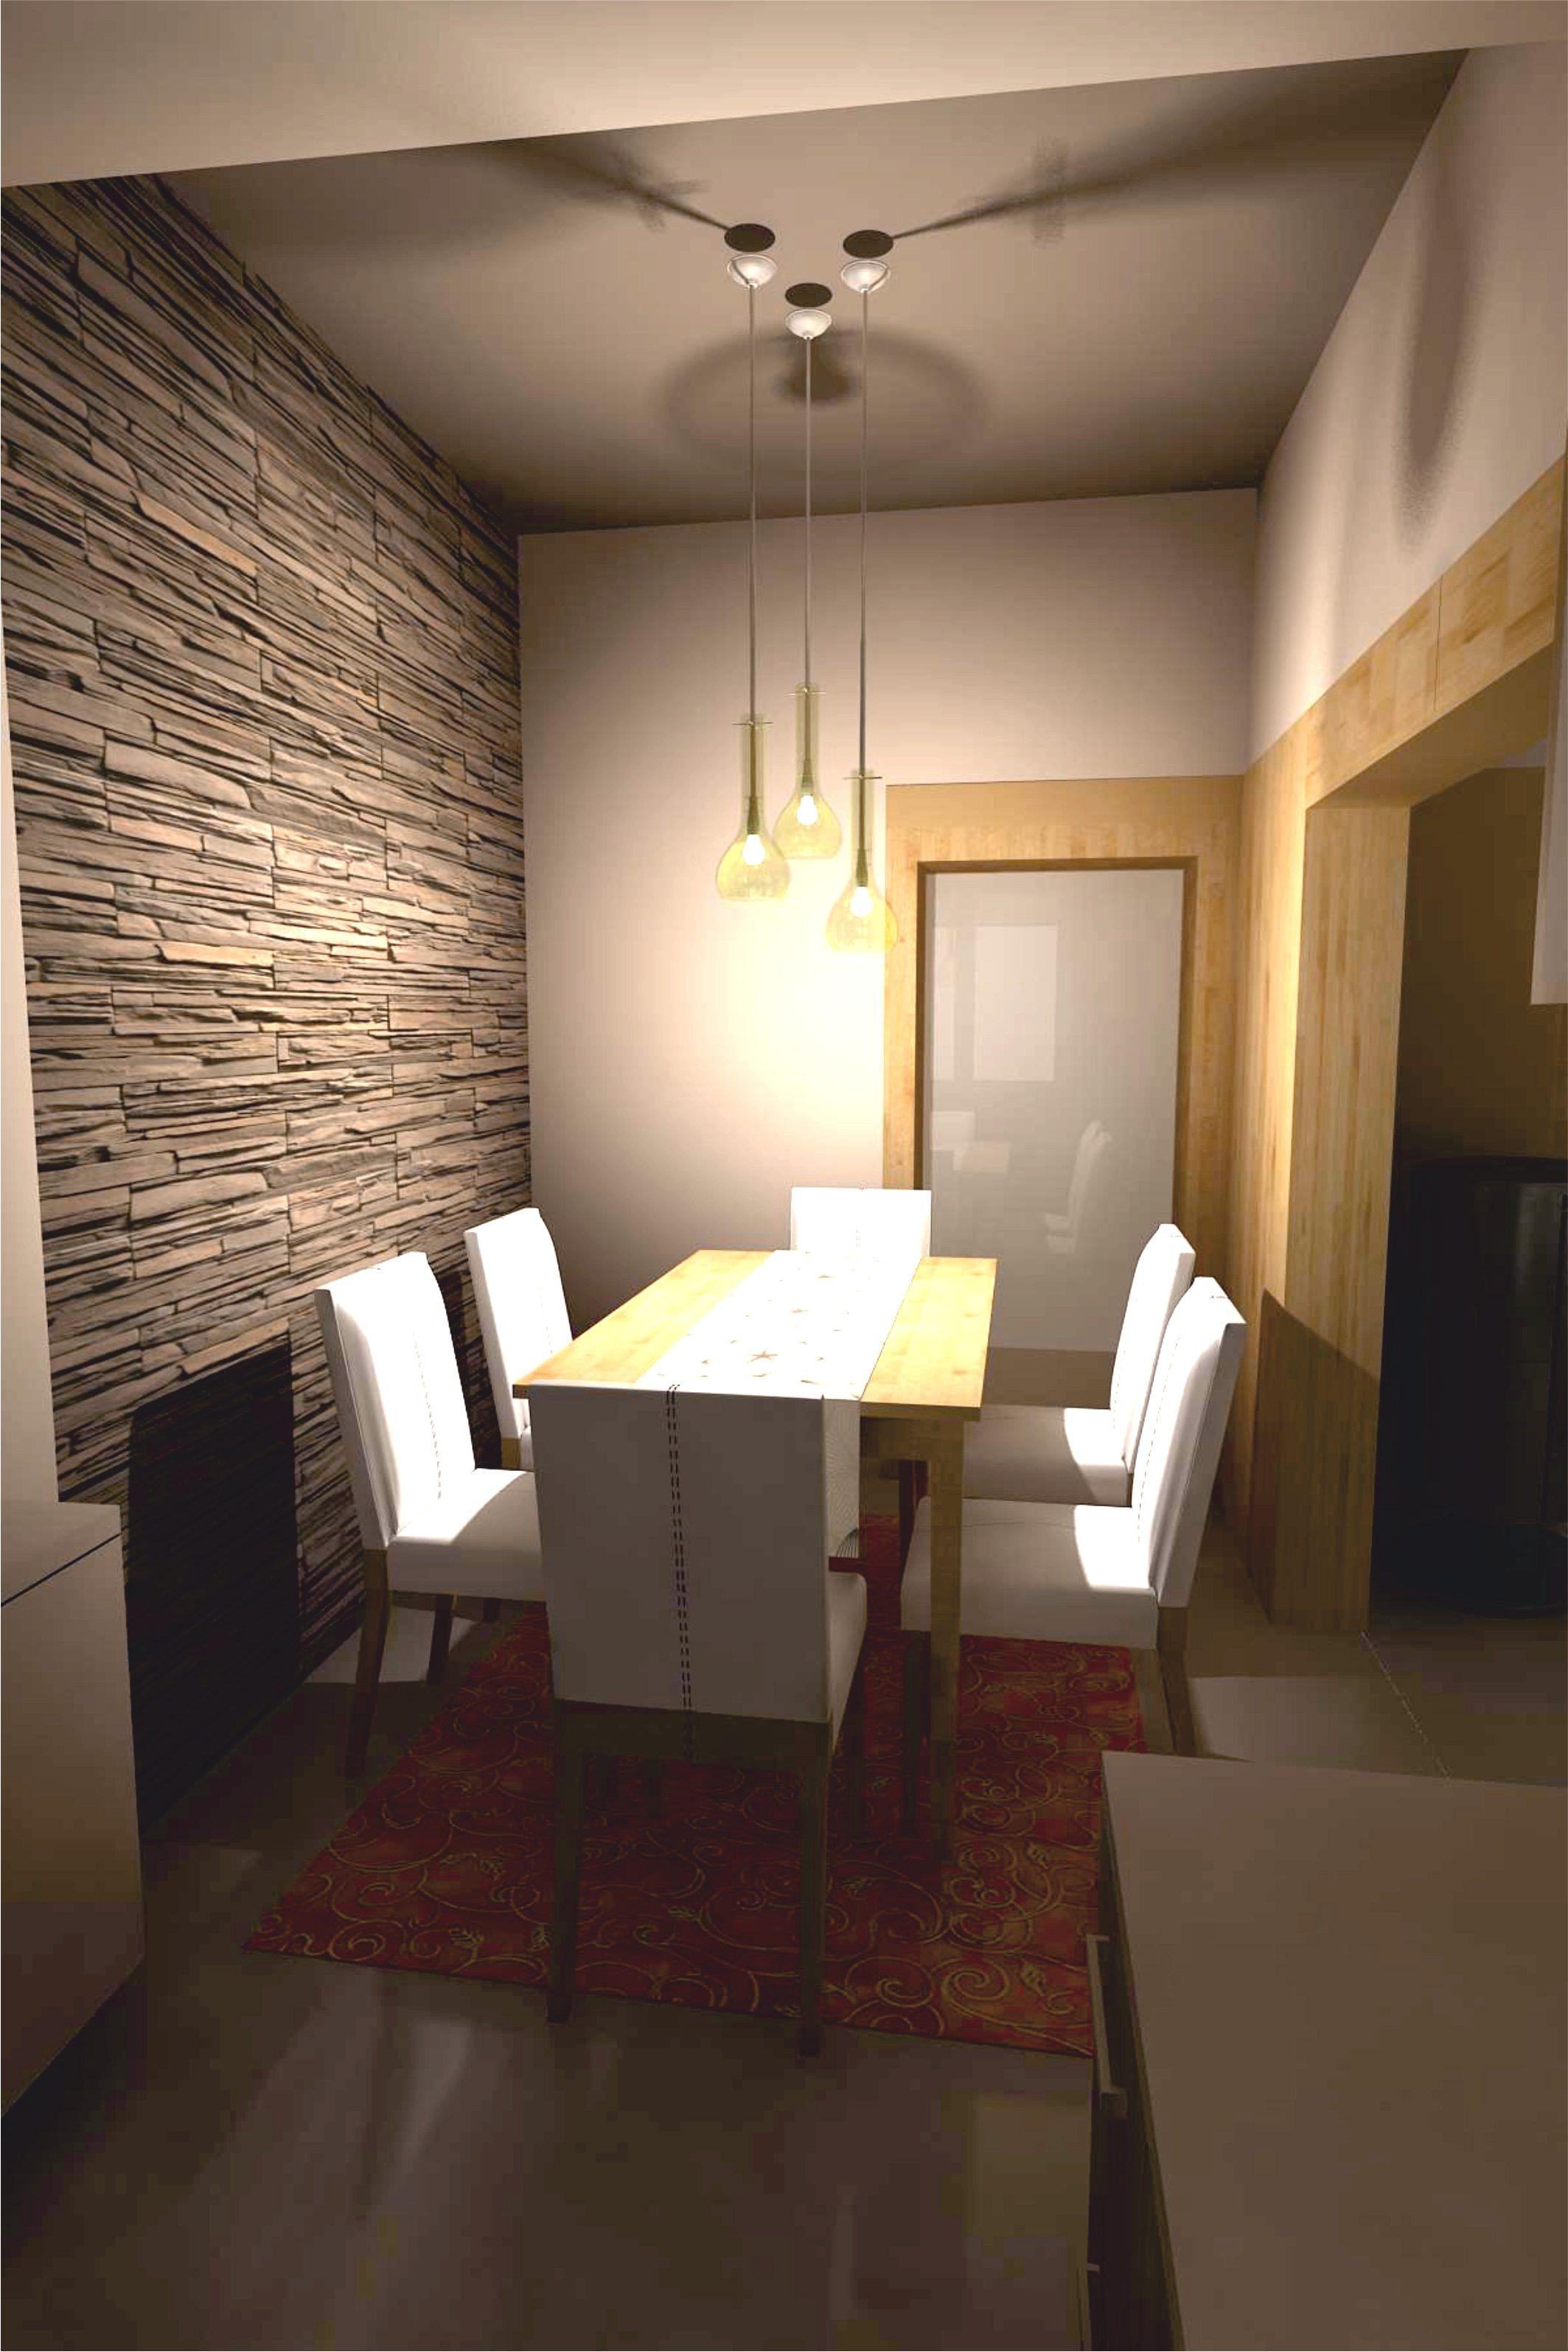 Projekt interiéru RD II 04